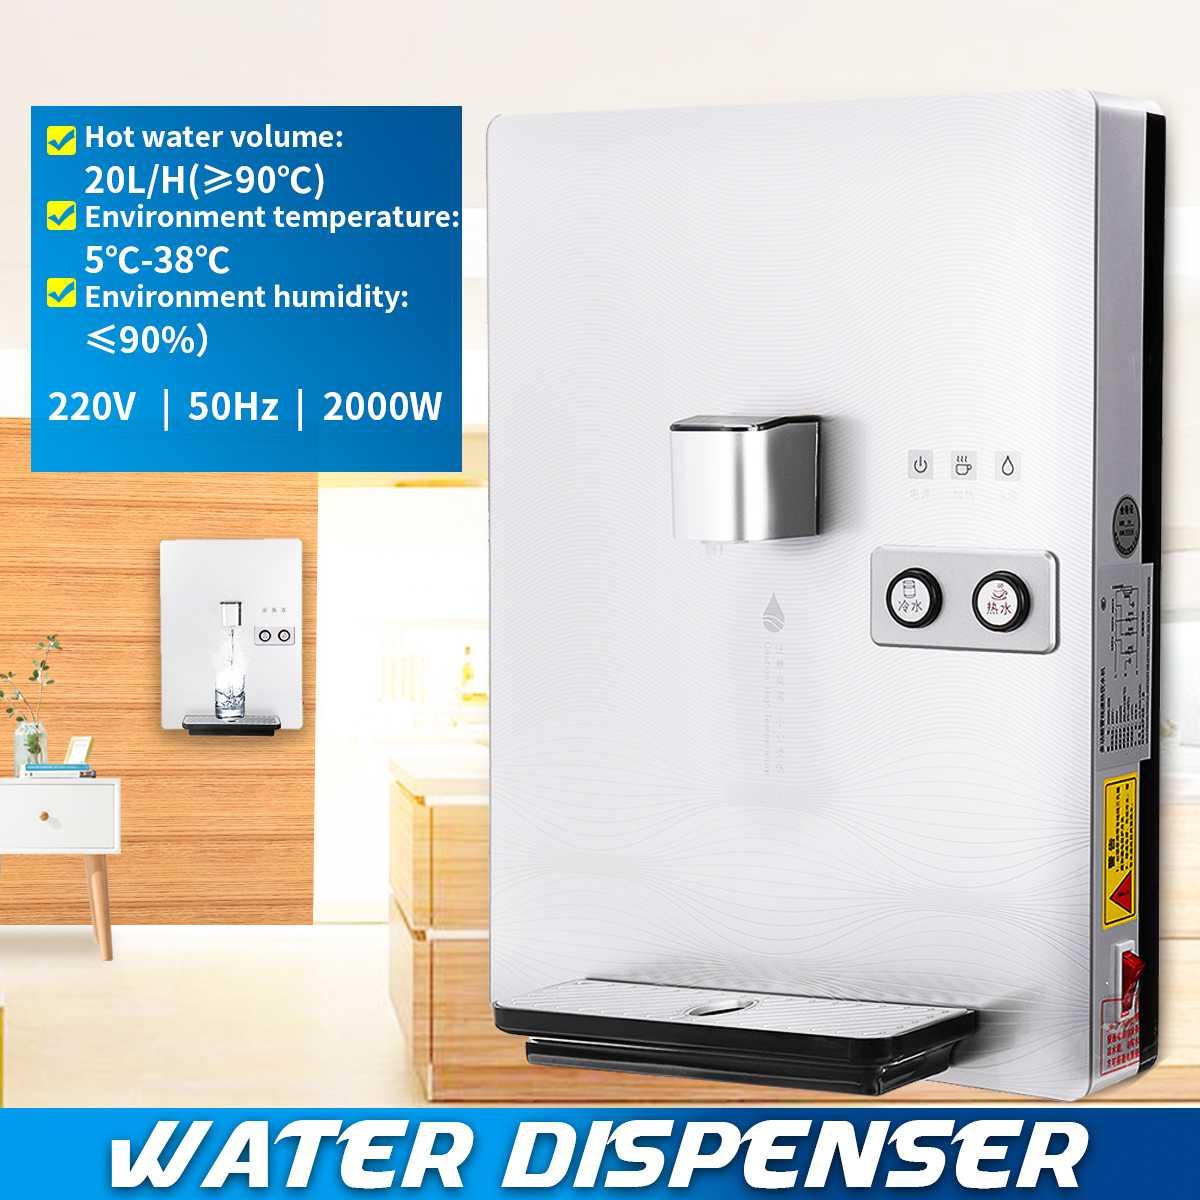 2000 واط الحائط الكهربائية الساخن الباردة موزعات المياه ضخ شارب سخان مياه خط أنابيب آلة المرجل للمنزل مكتب